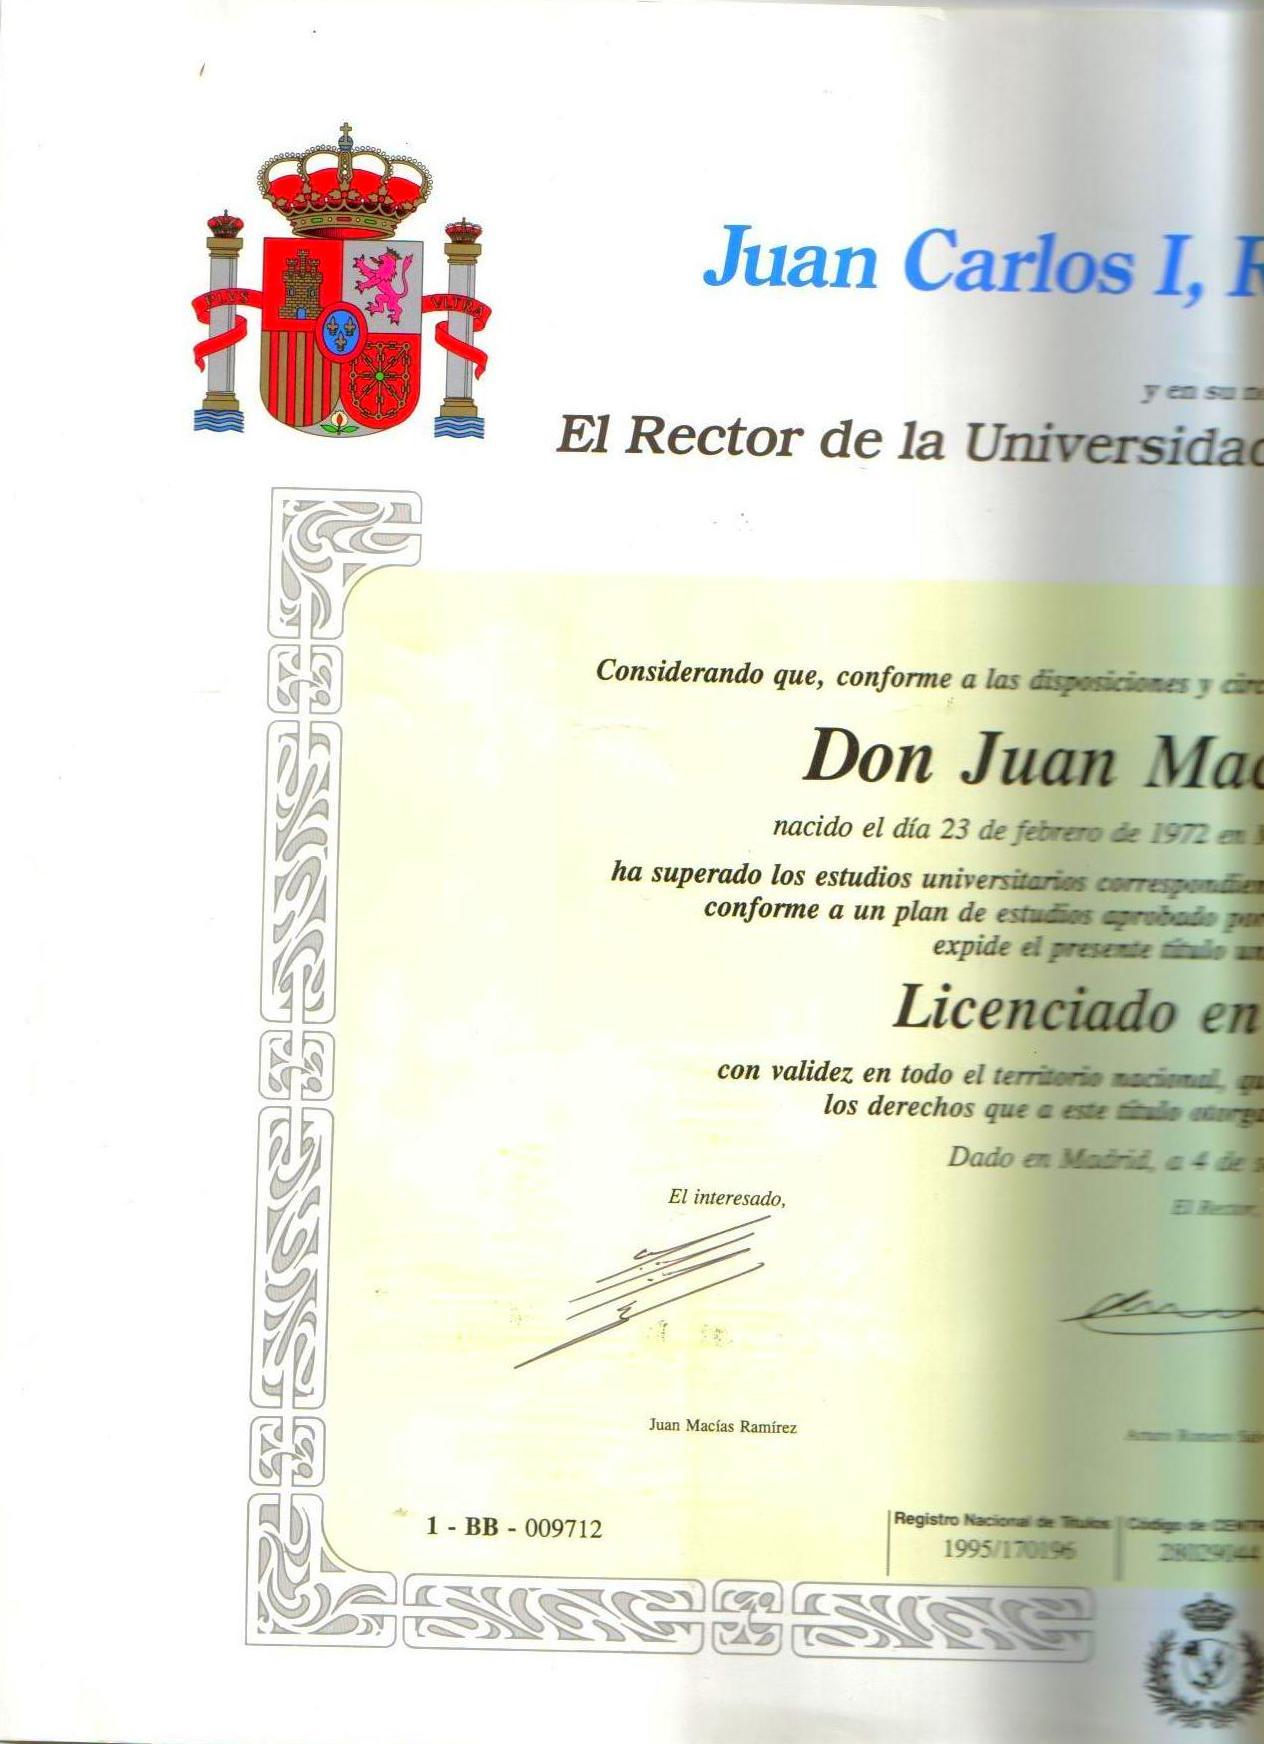 Profesionalidad y seriedad: Nuestros servicios de Psicólogo Juan Macías